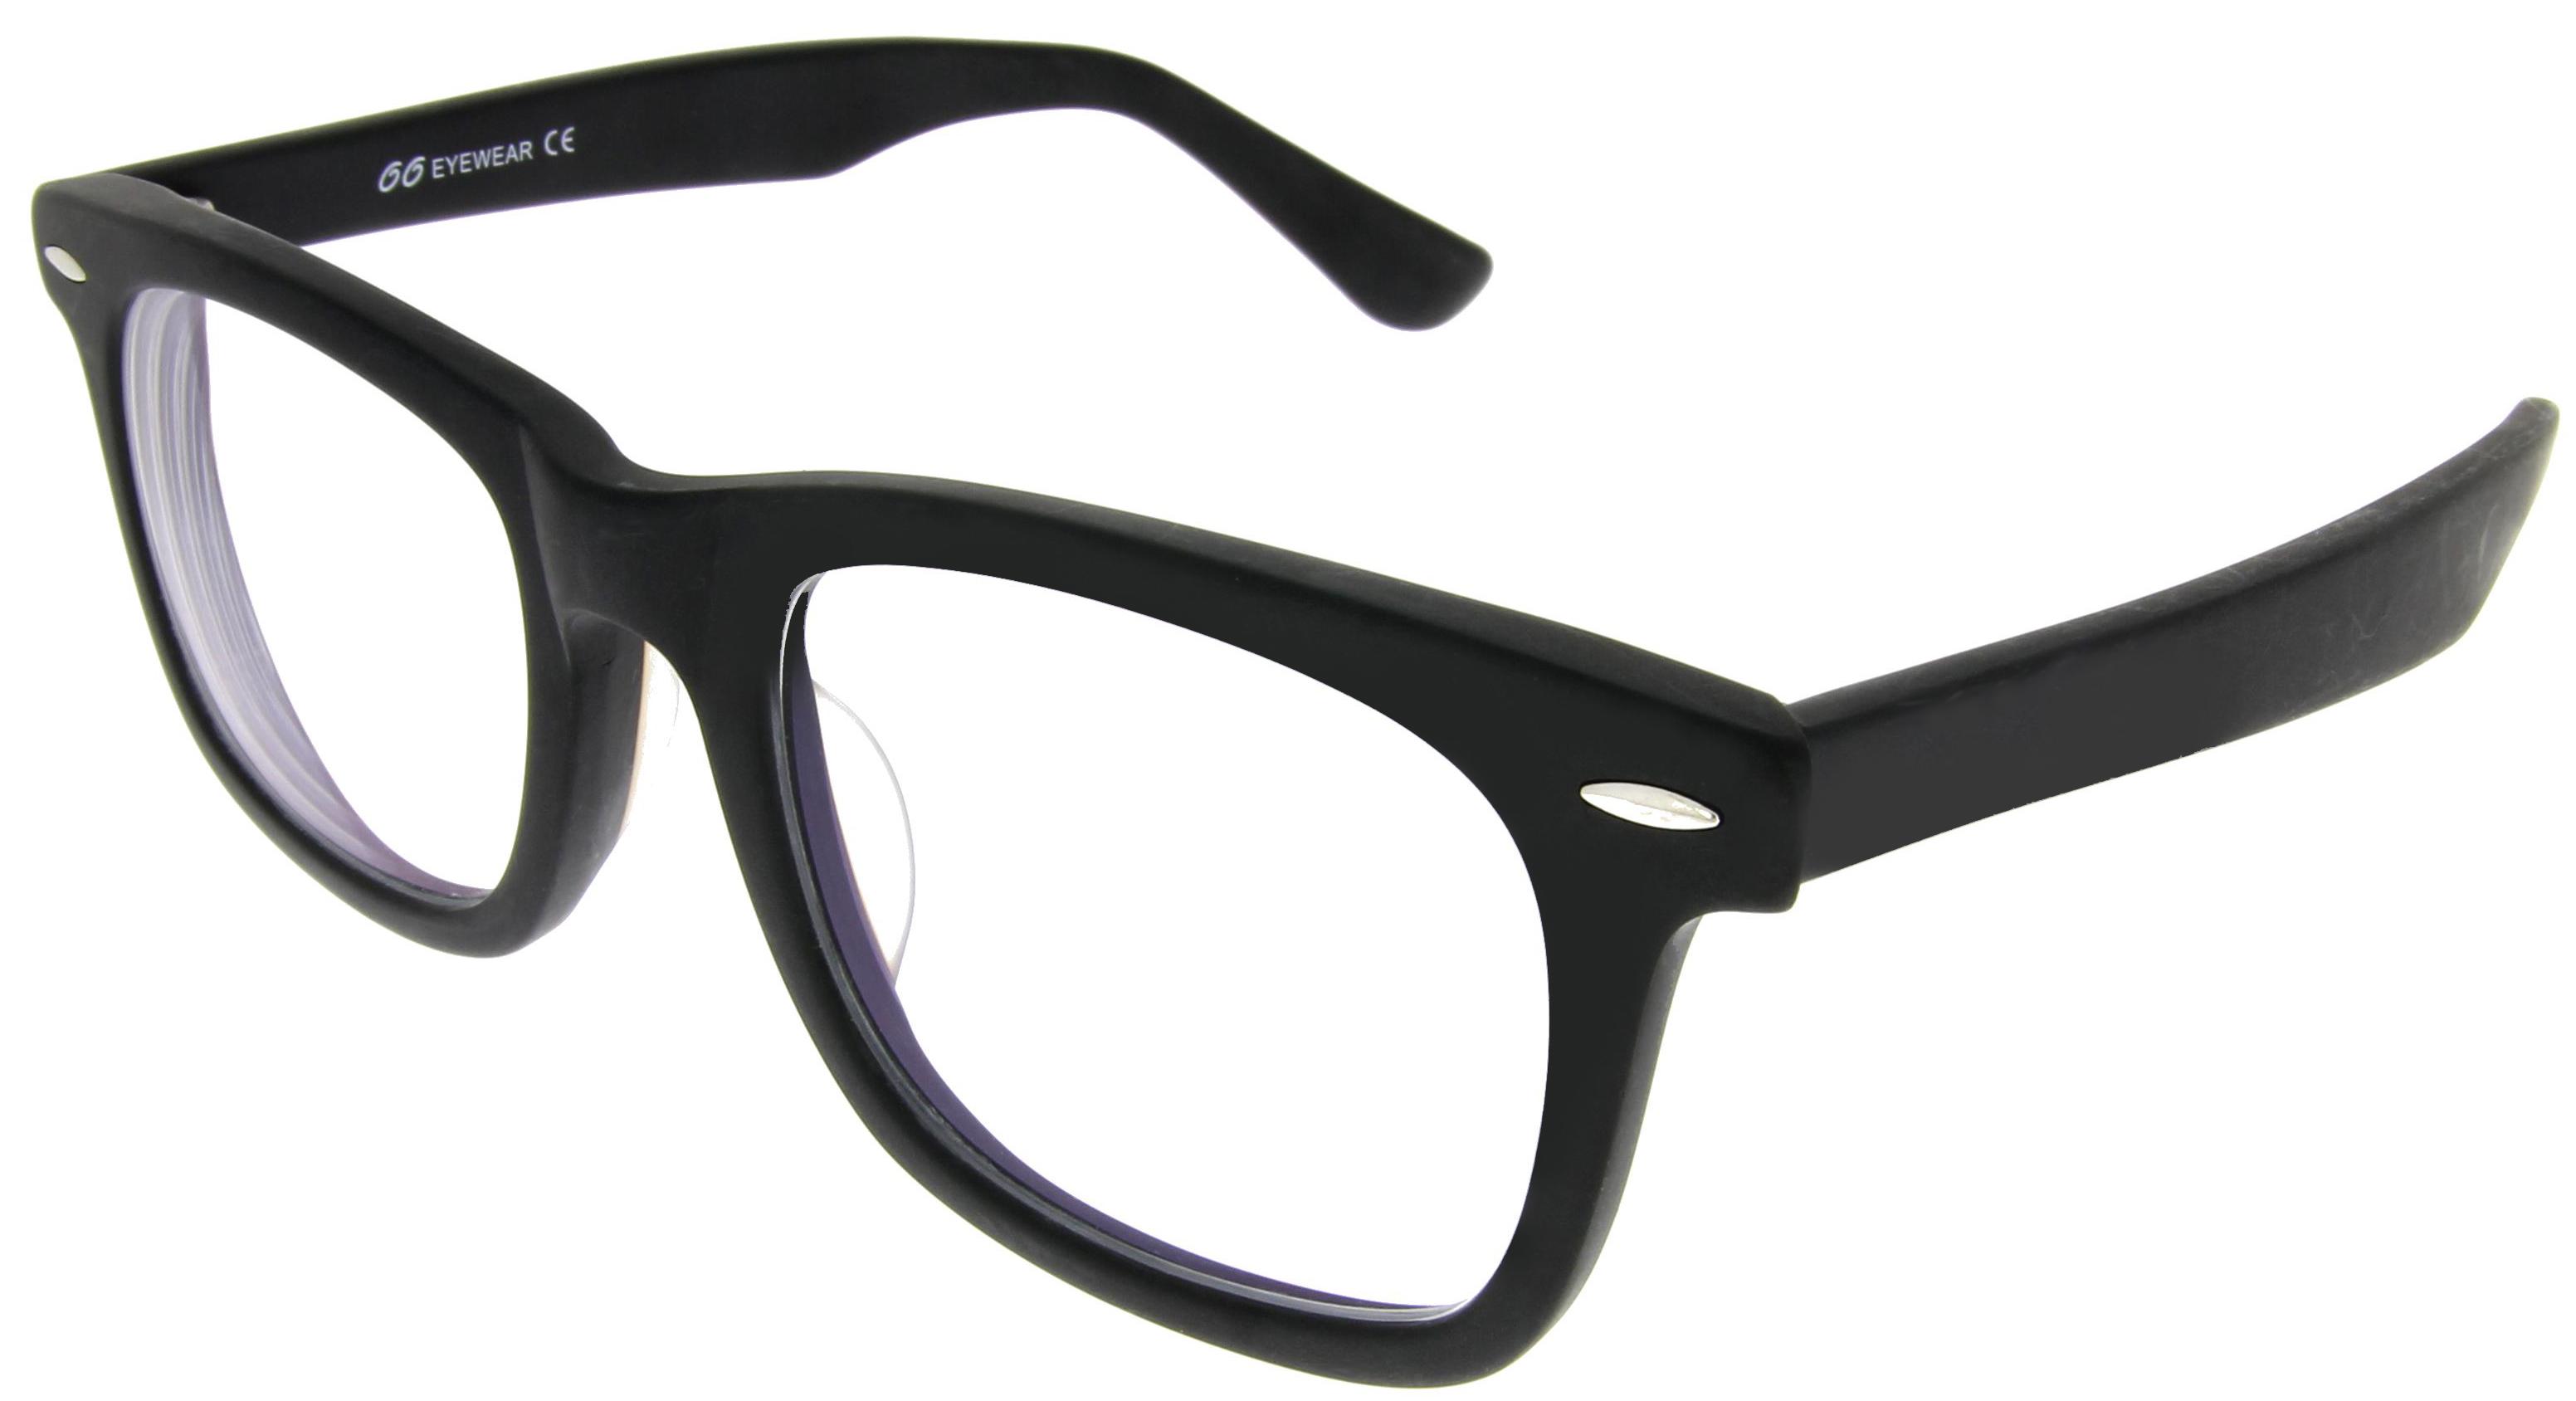 Mattschwarze Brille im Wayfarer-Stil